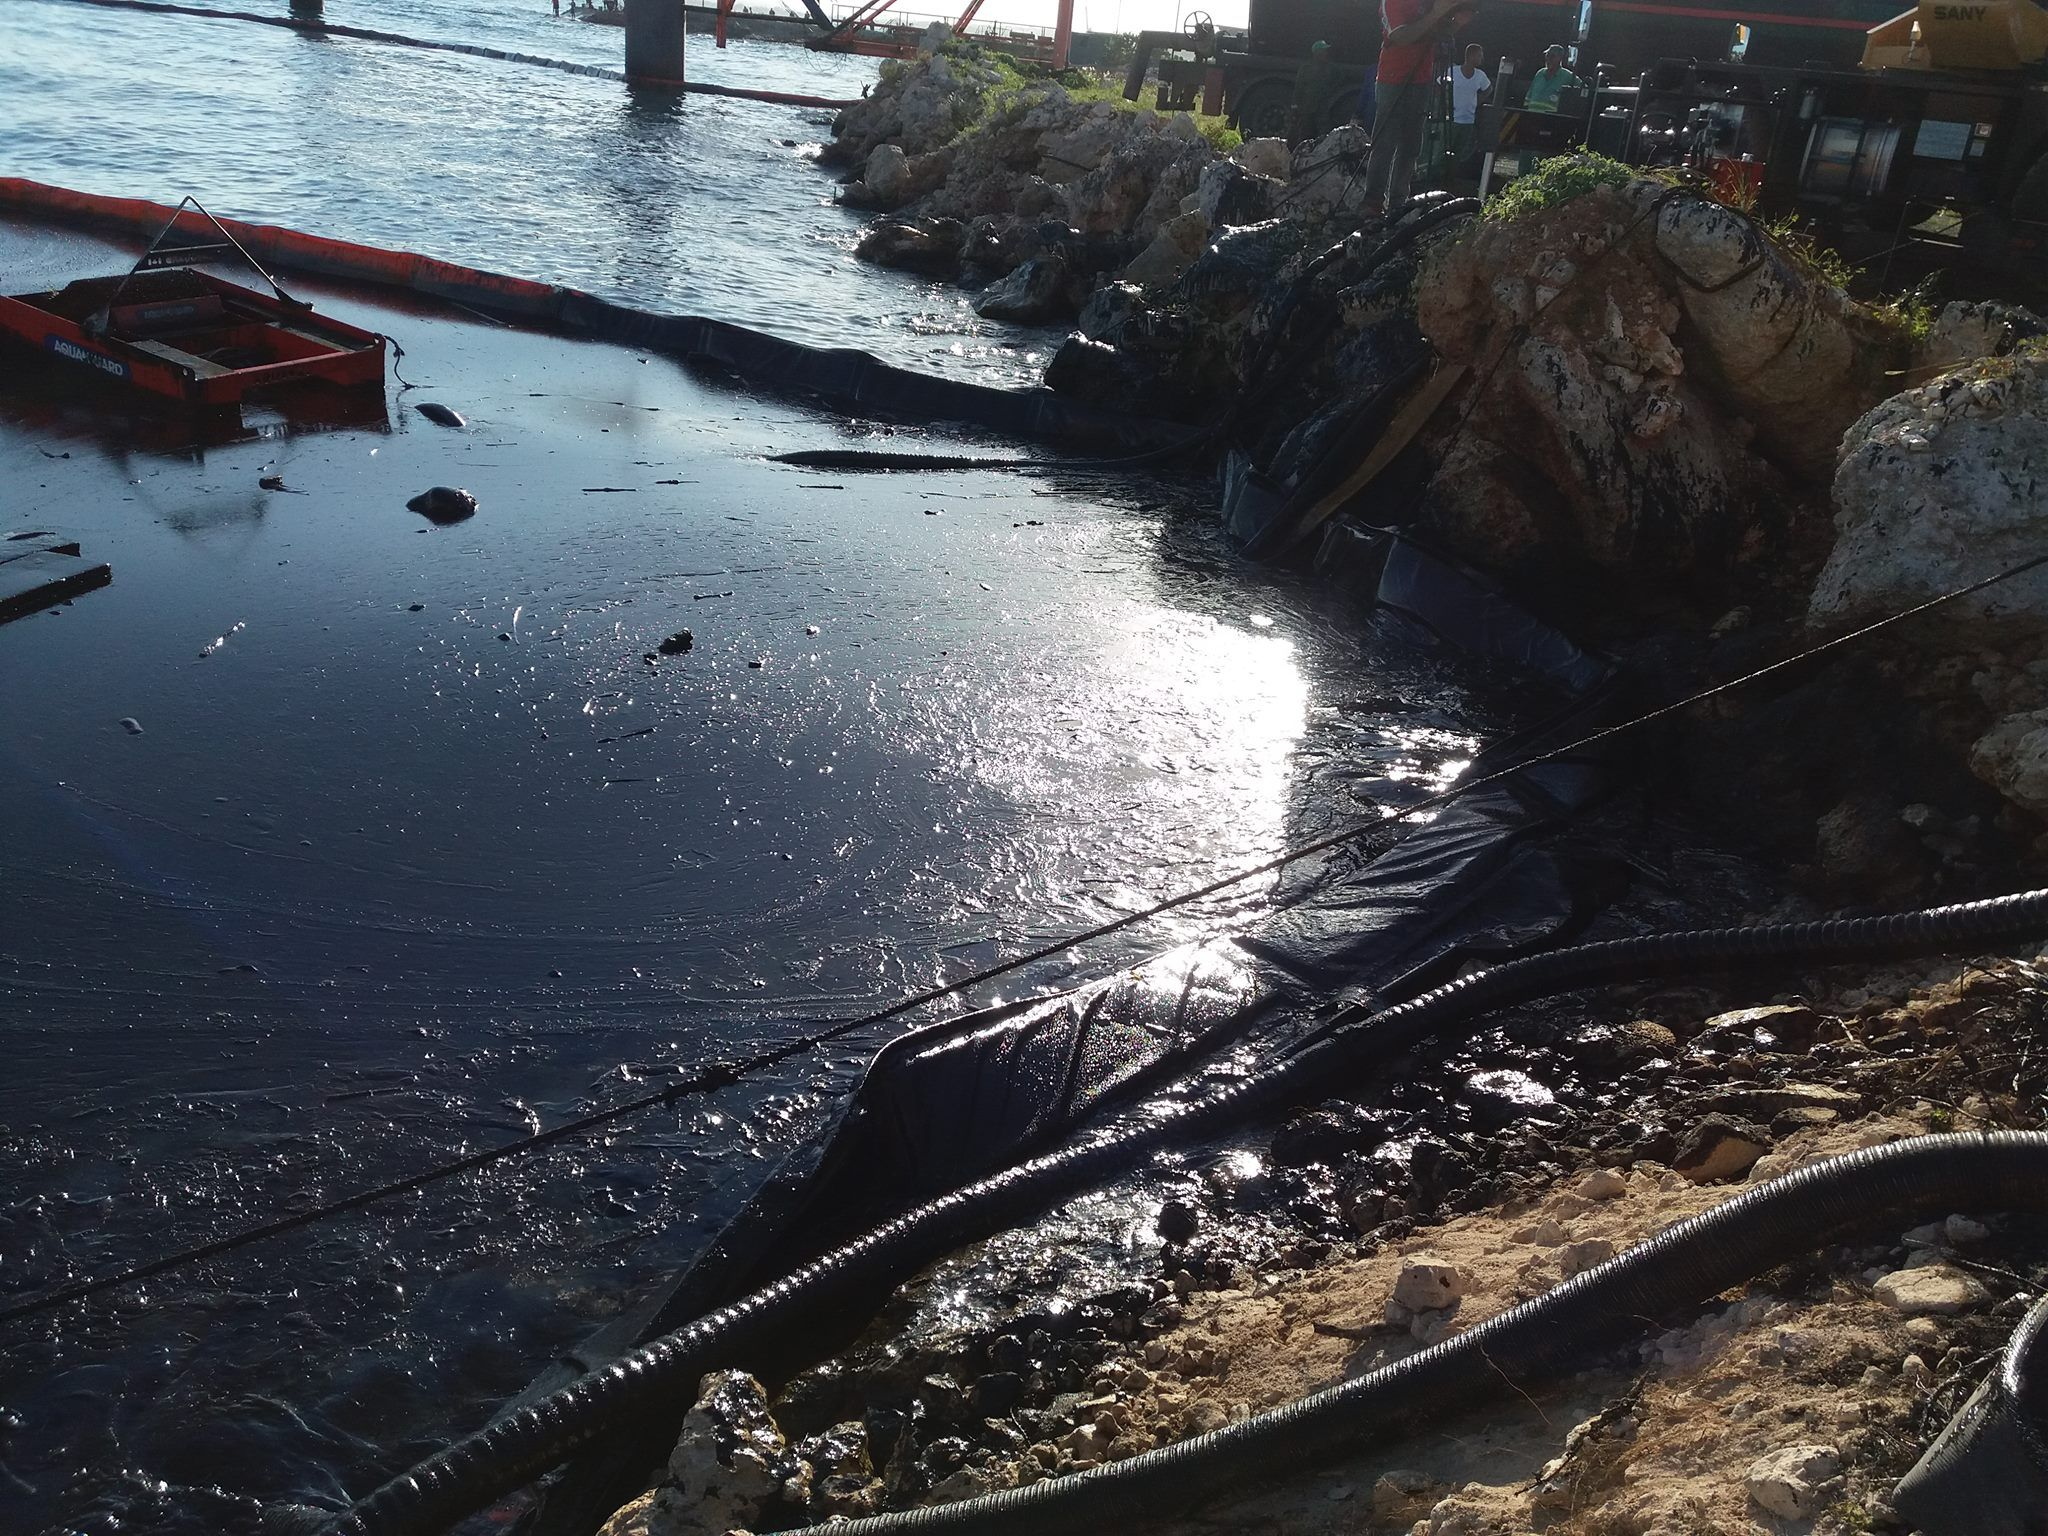 Trabajos de recogida del derrame de petróleo en la bahía de Matanzas, el 4 de octubre de 2018. Foto: TV Yumurí.